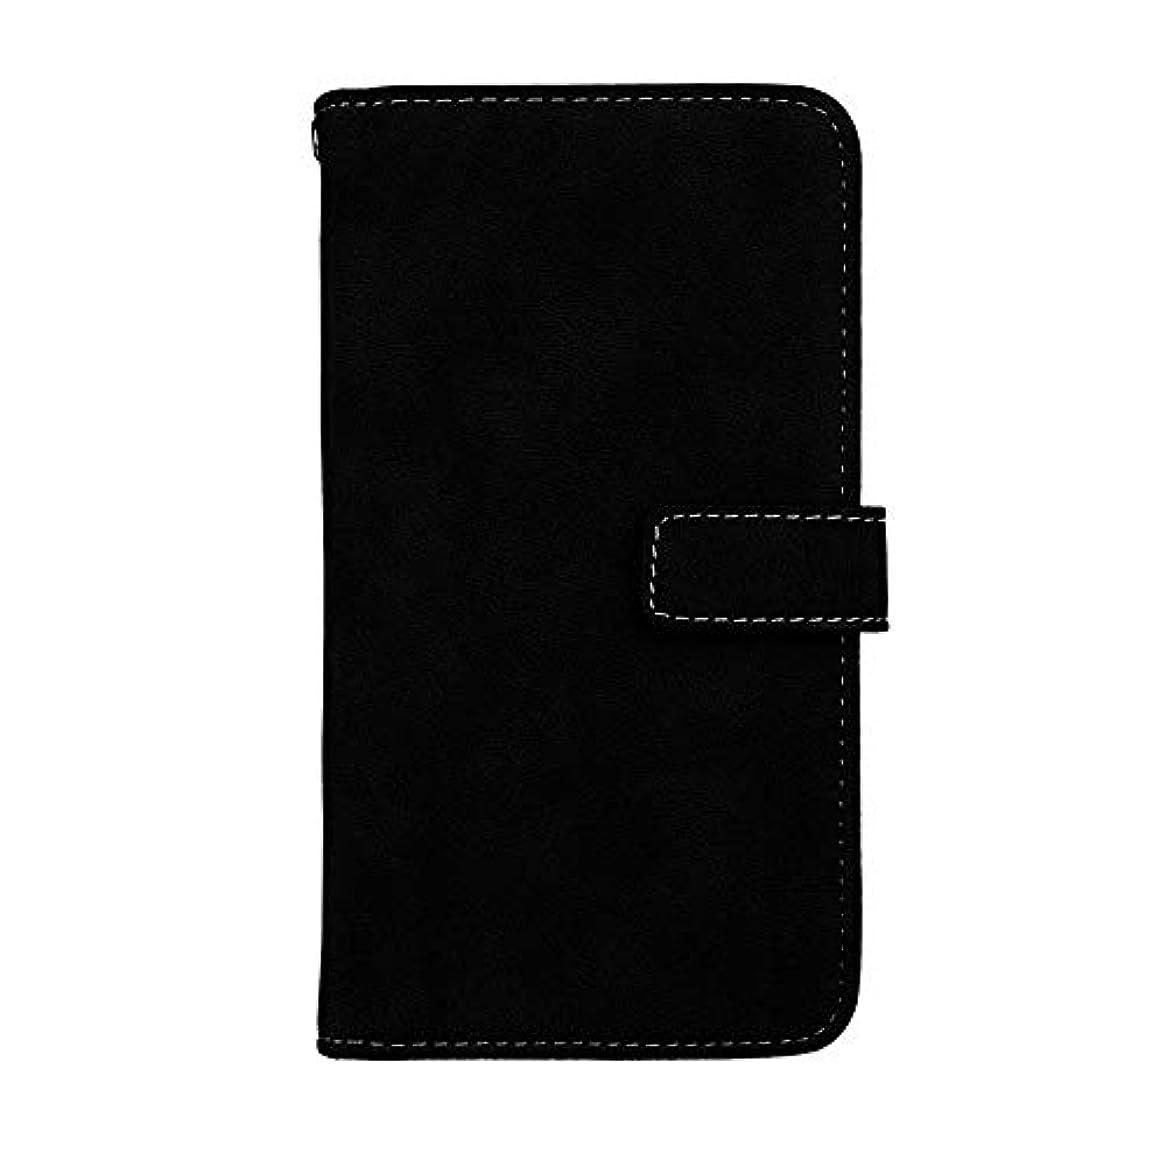 ある腹メロディアスXiaomi Redmi Note 4X 高品質 マグネット ケース, CUNUS 携帯電話 ケース 軽量 柔軟 高品質 耐摩擦 カード収納 カバー Xiaomi Redmi Note 4X 用, ブラック